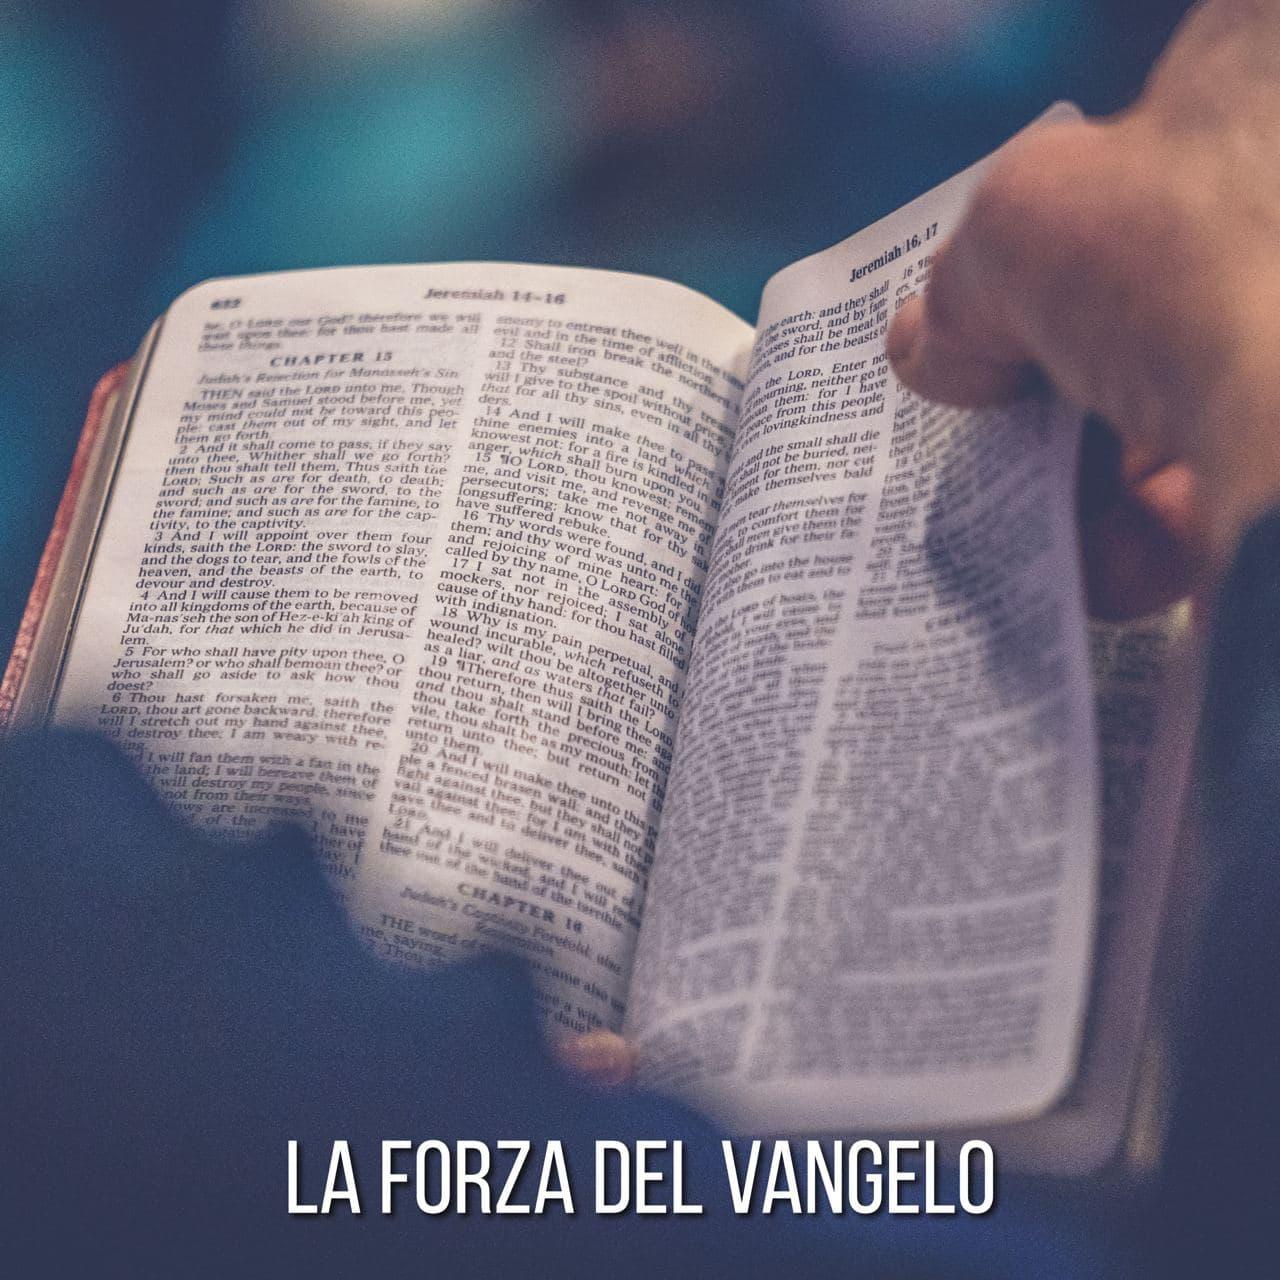 La forza salvifica del Vangelo